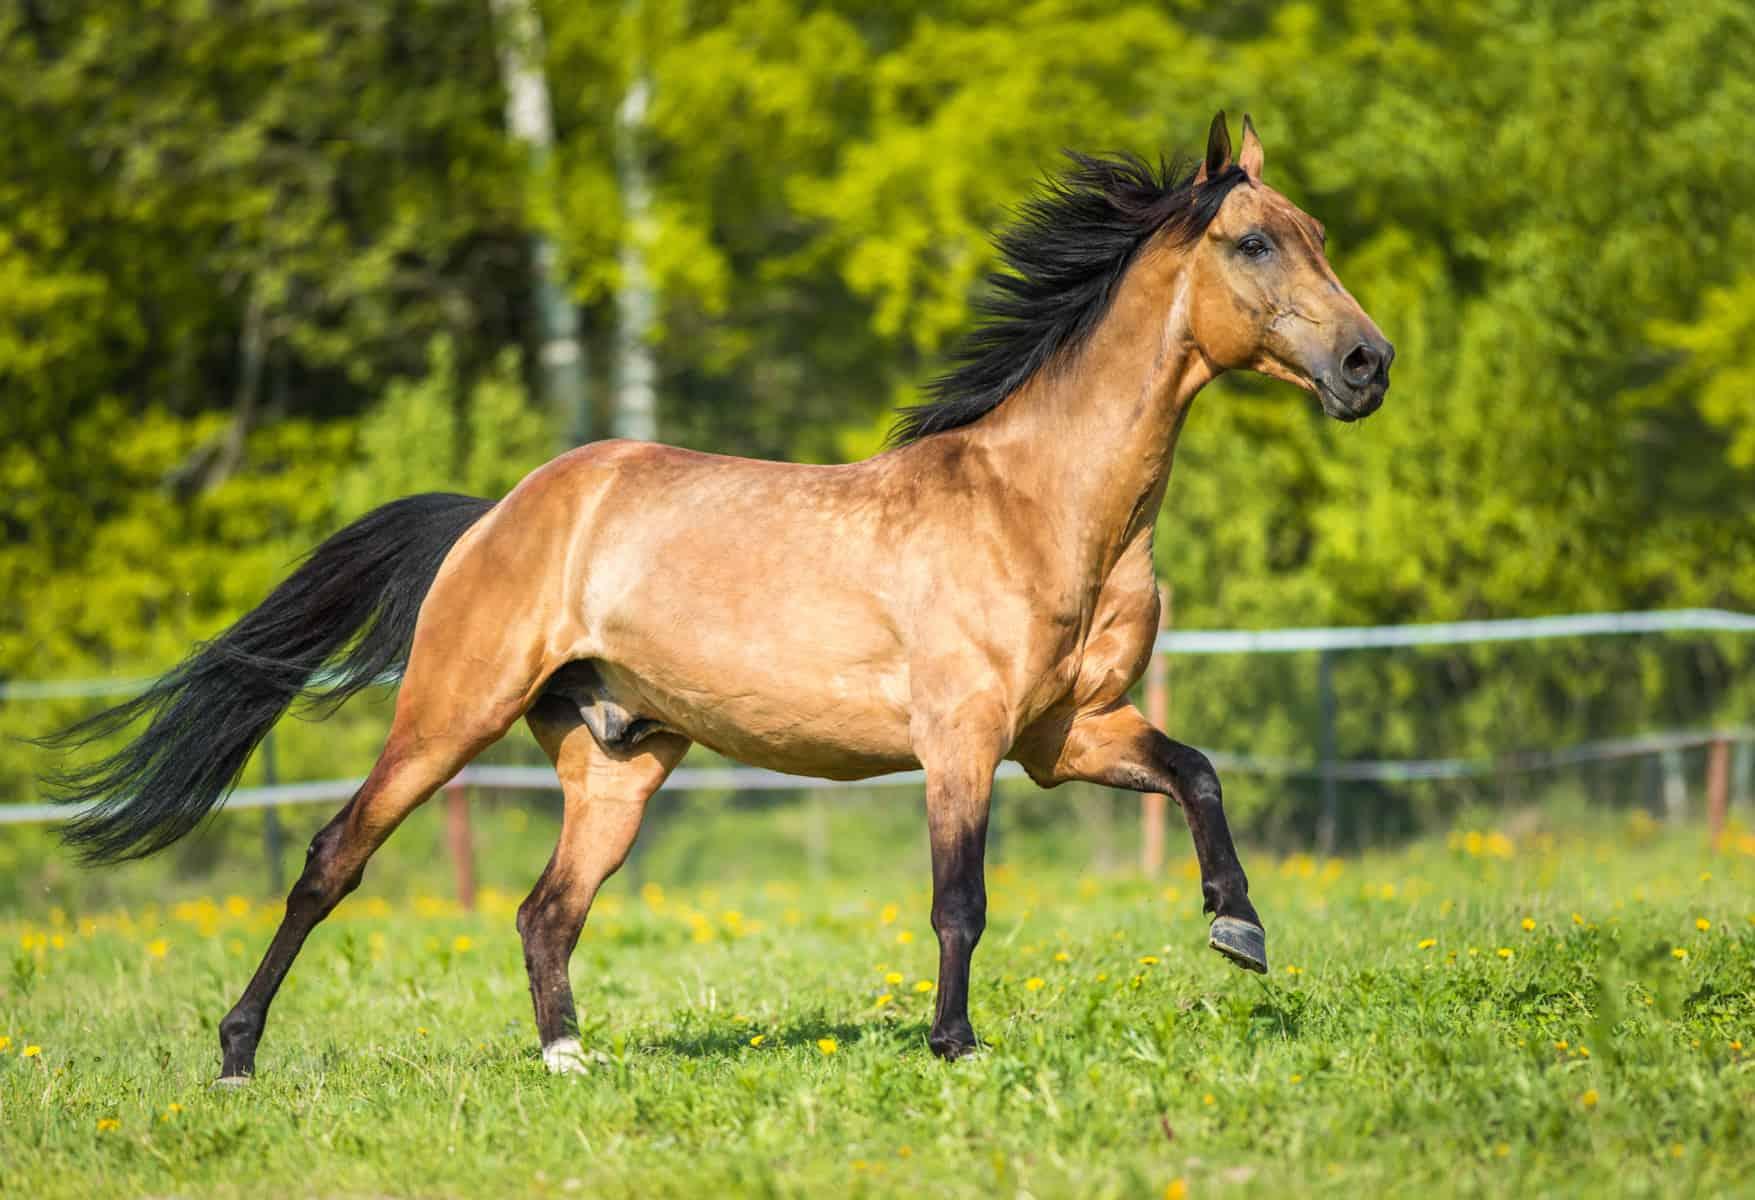 Akhal-Teke horse galloping